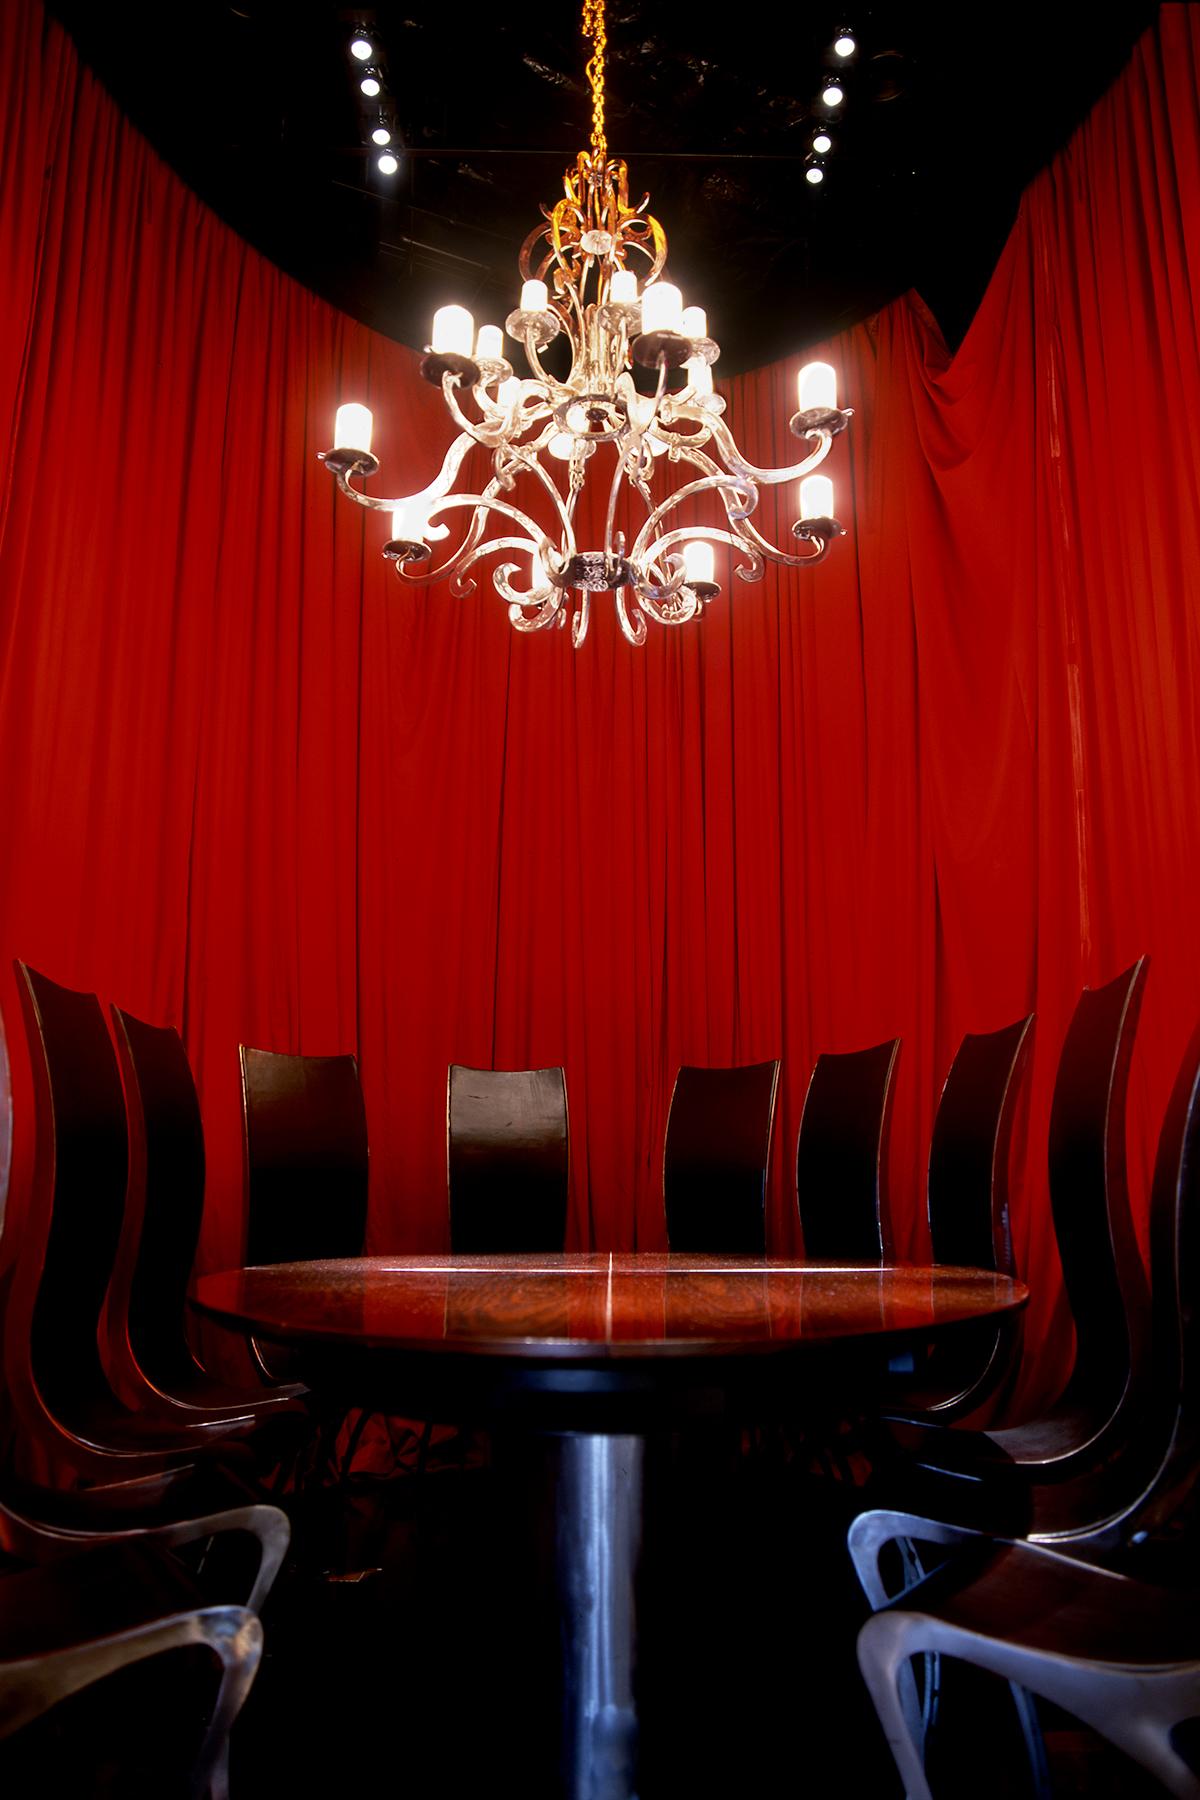 soho-dining-interior.jpg